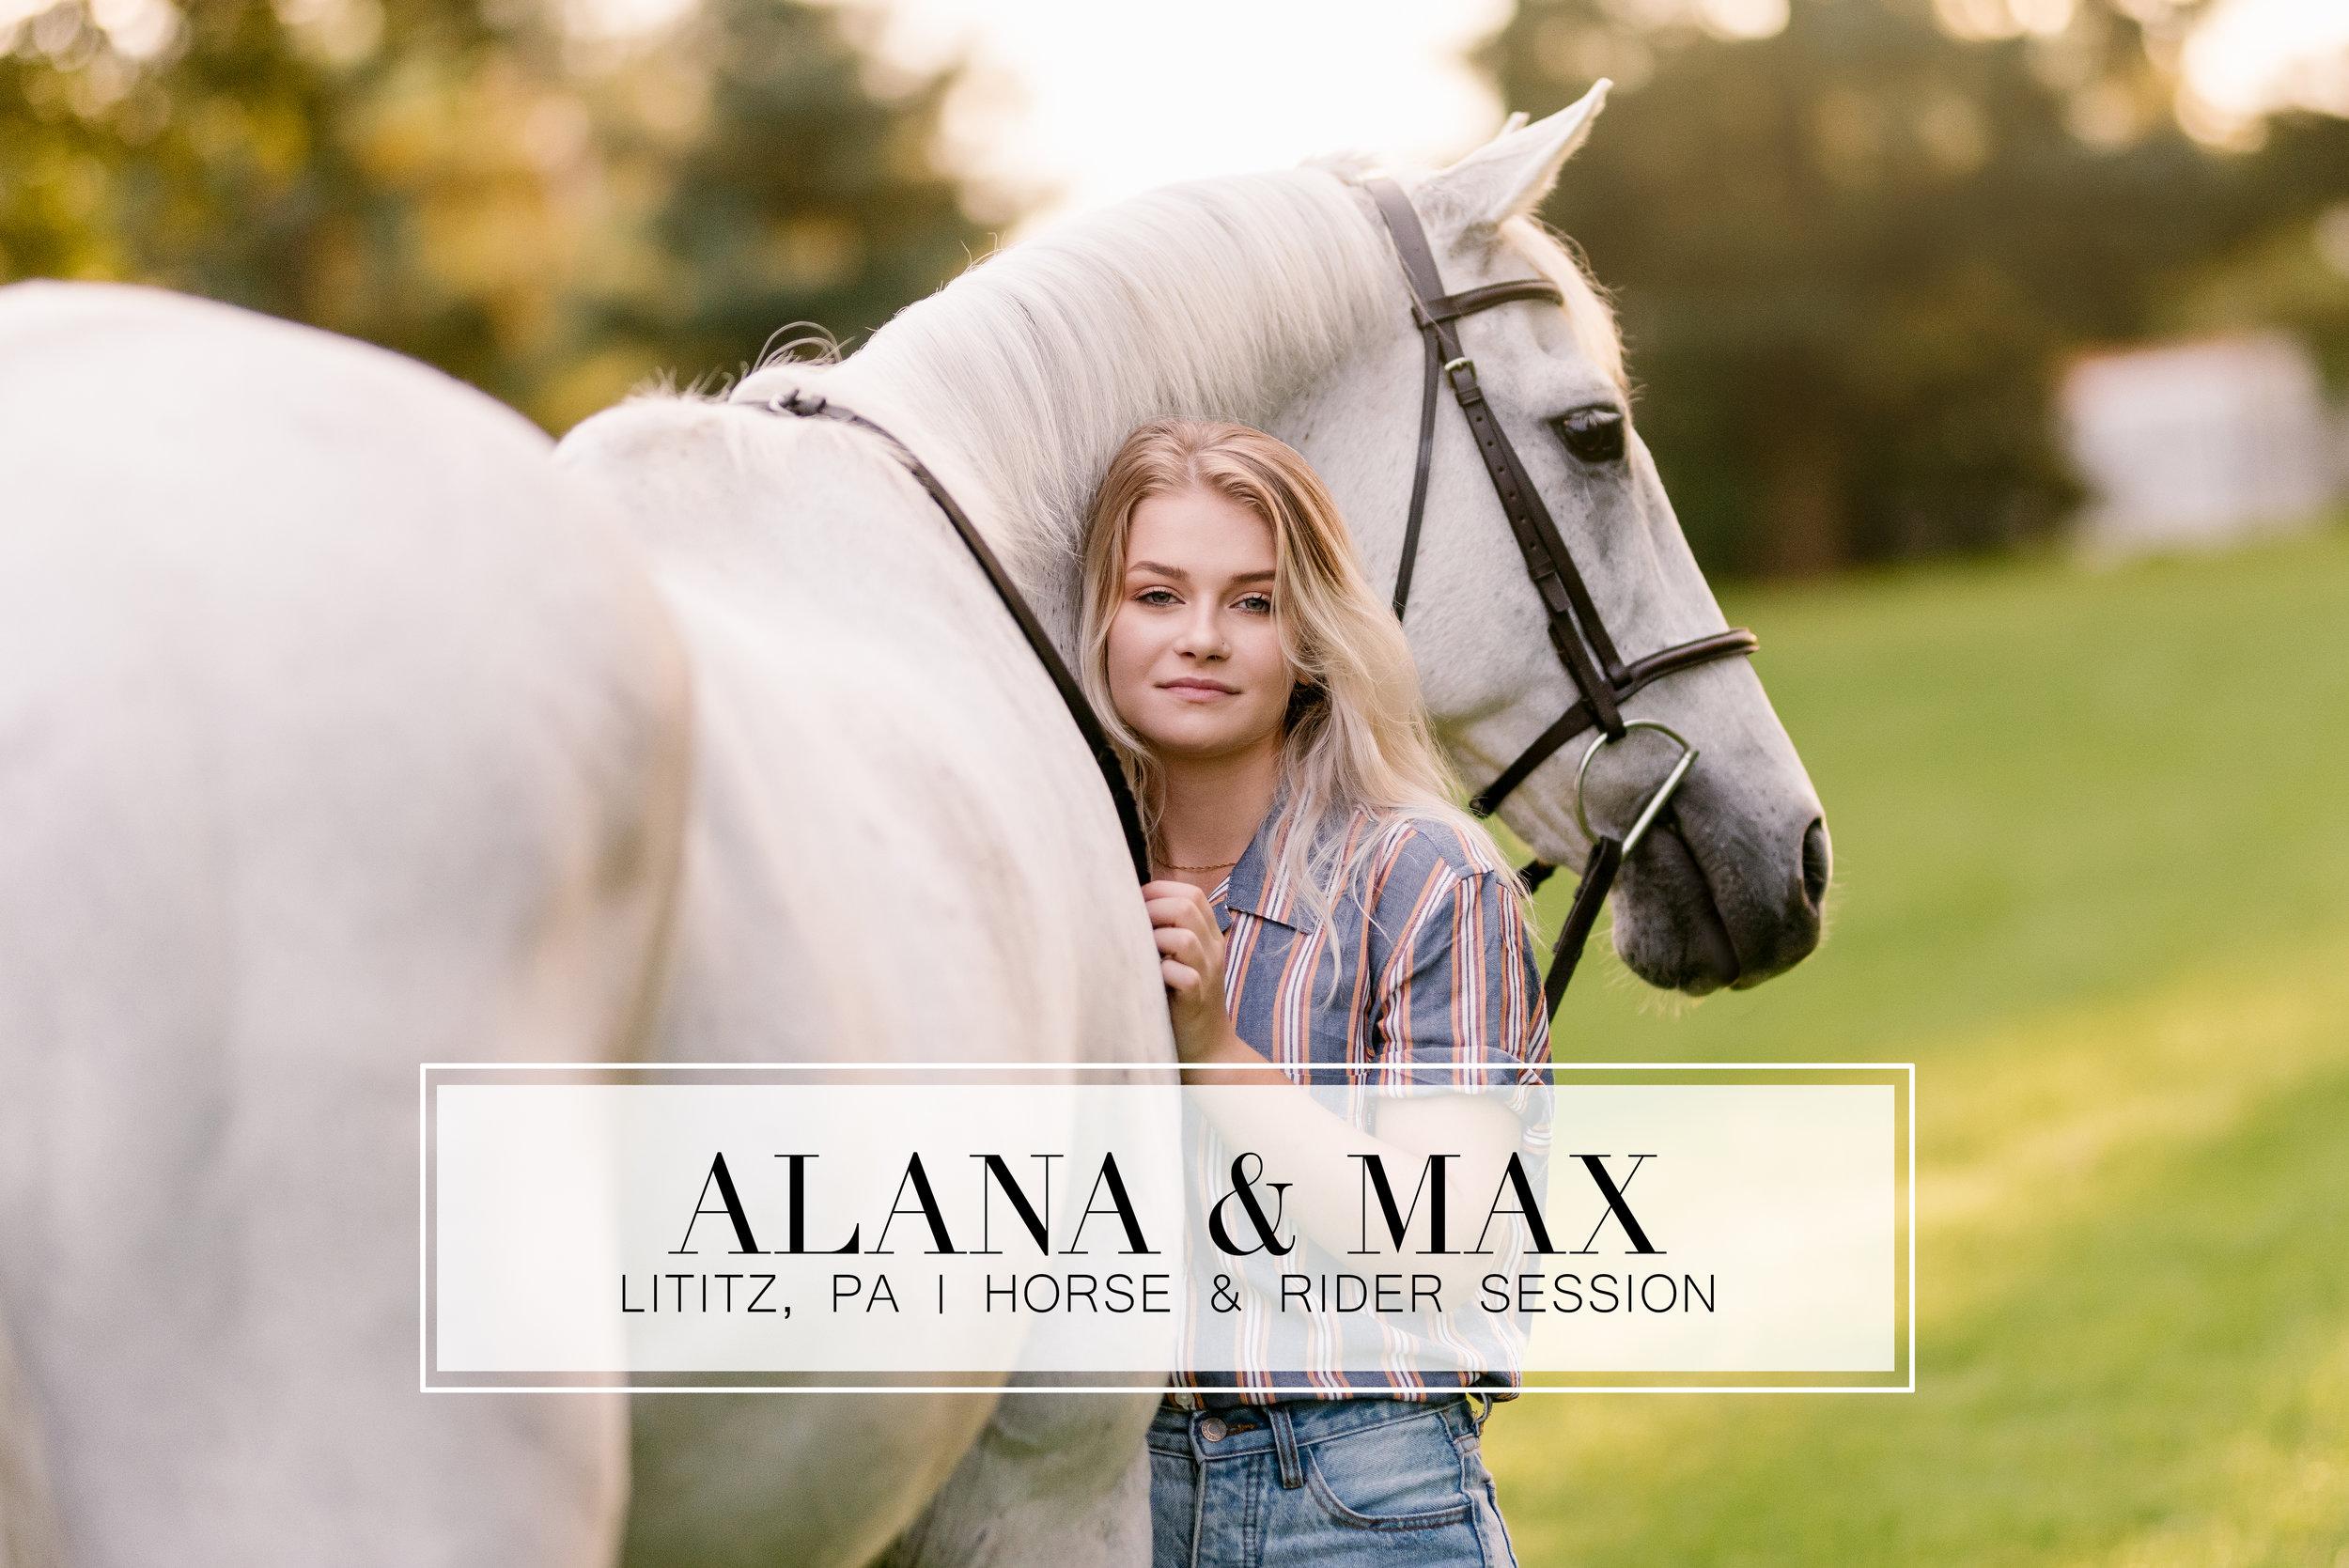 alana_max_header.jpg